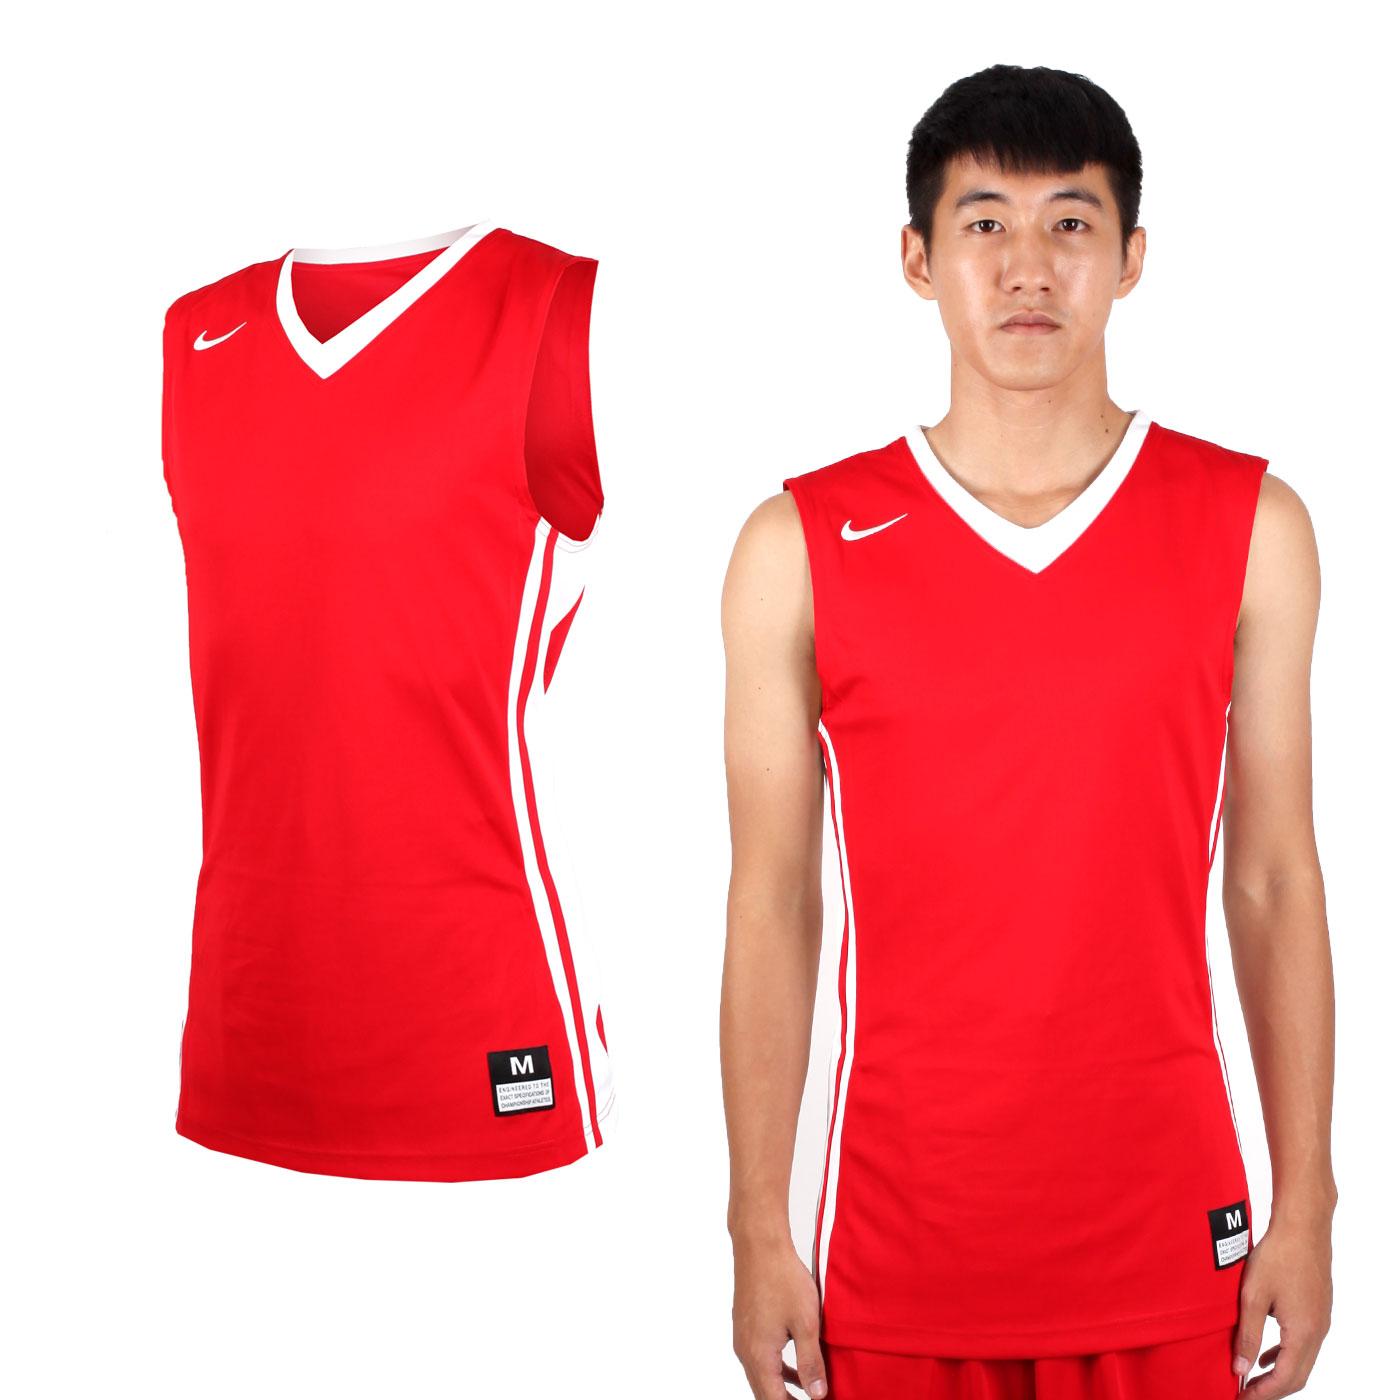 NIKE 男款V領籃球針織背心 639395342 - 紅白